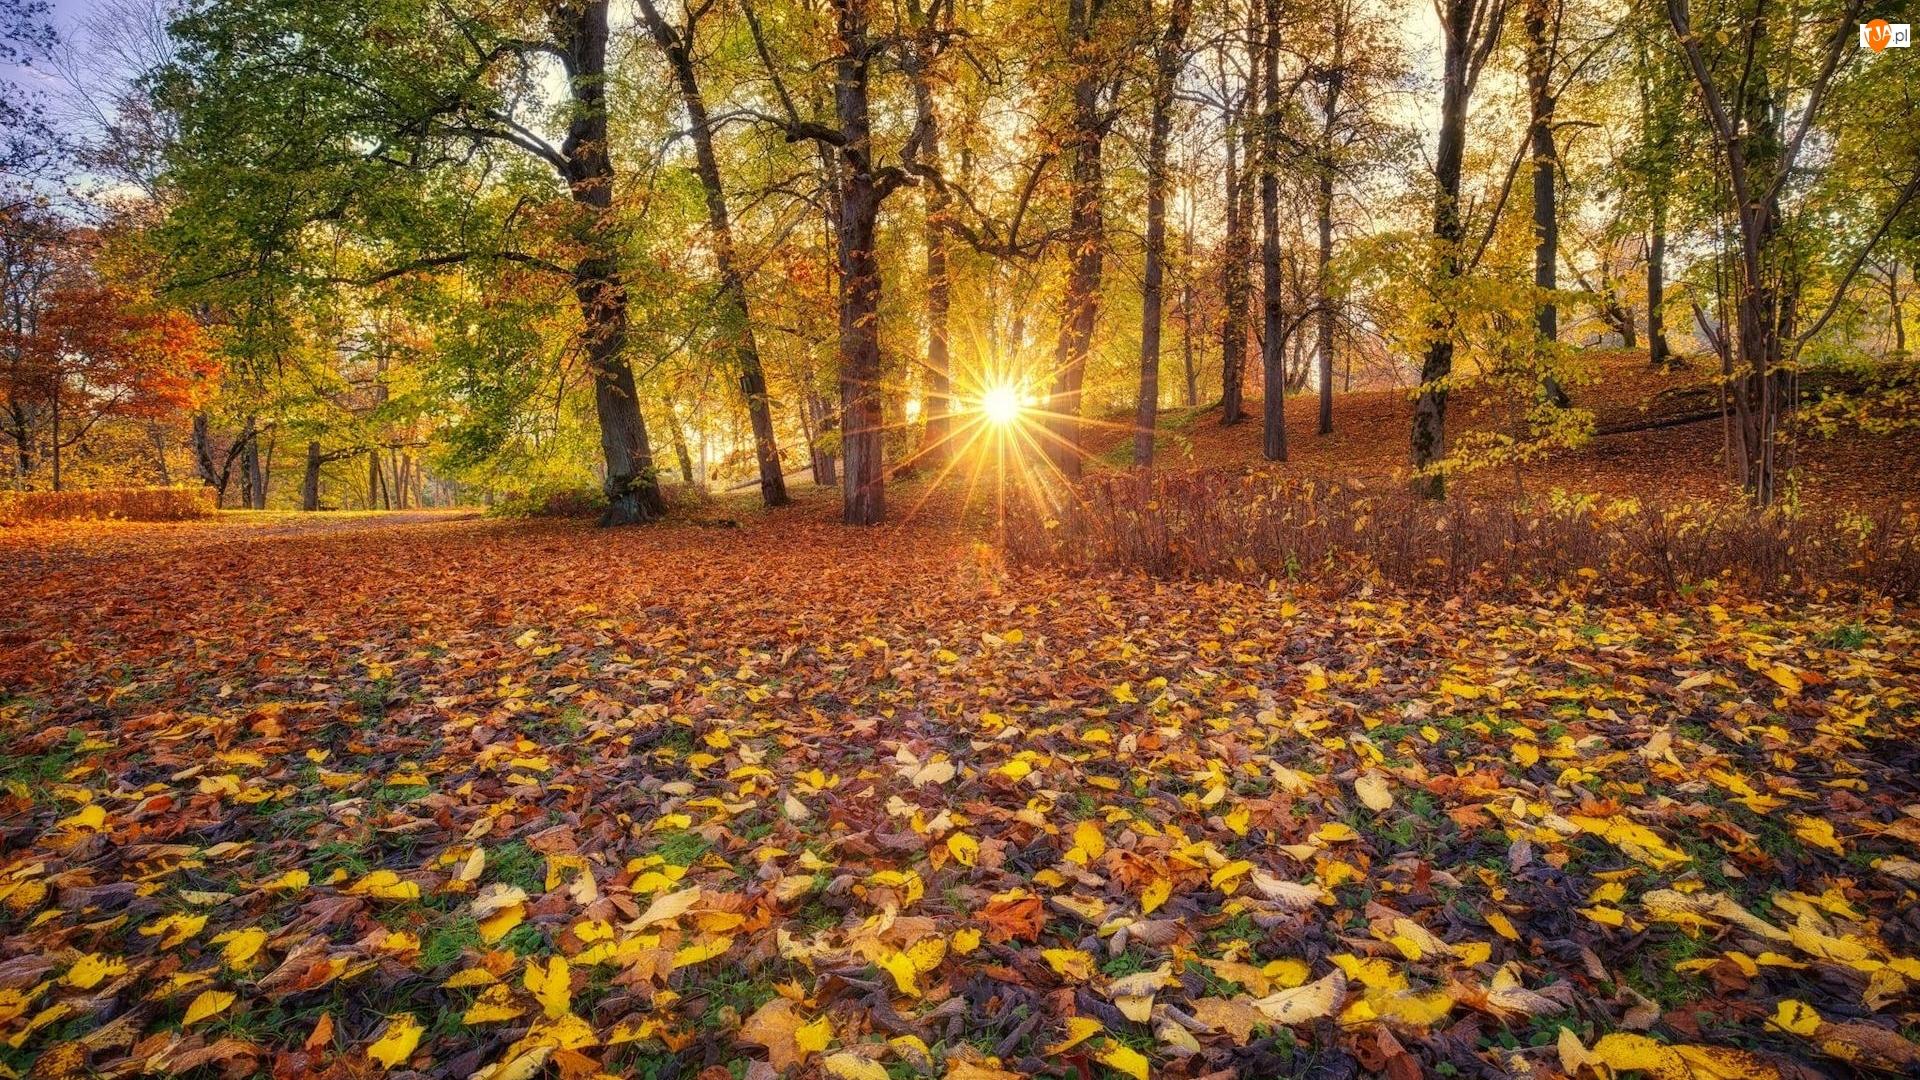 Drzewa, Park, Promienie słońca, Jesień, Liście